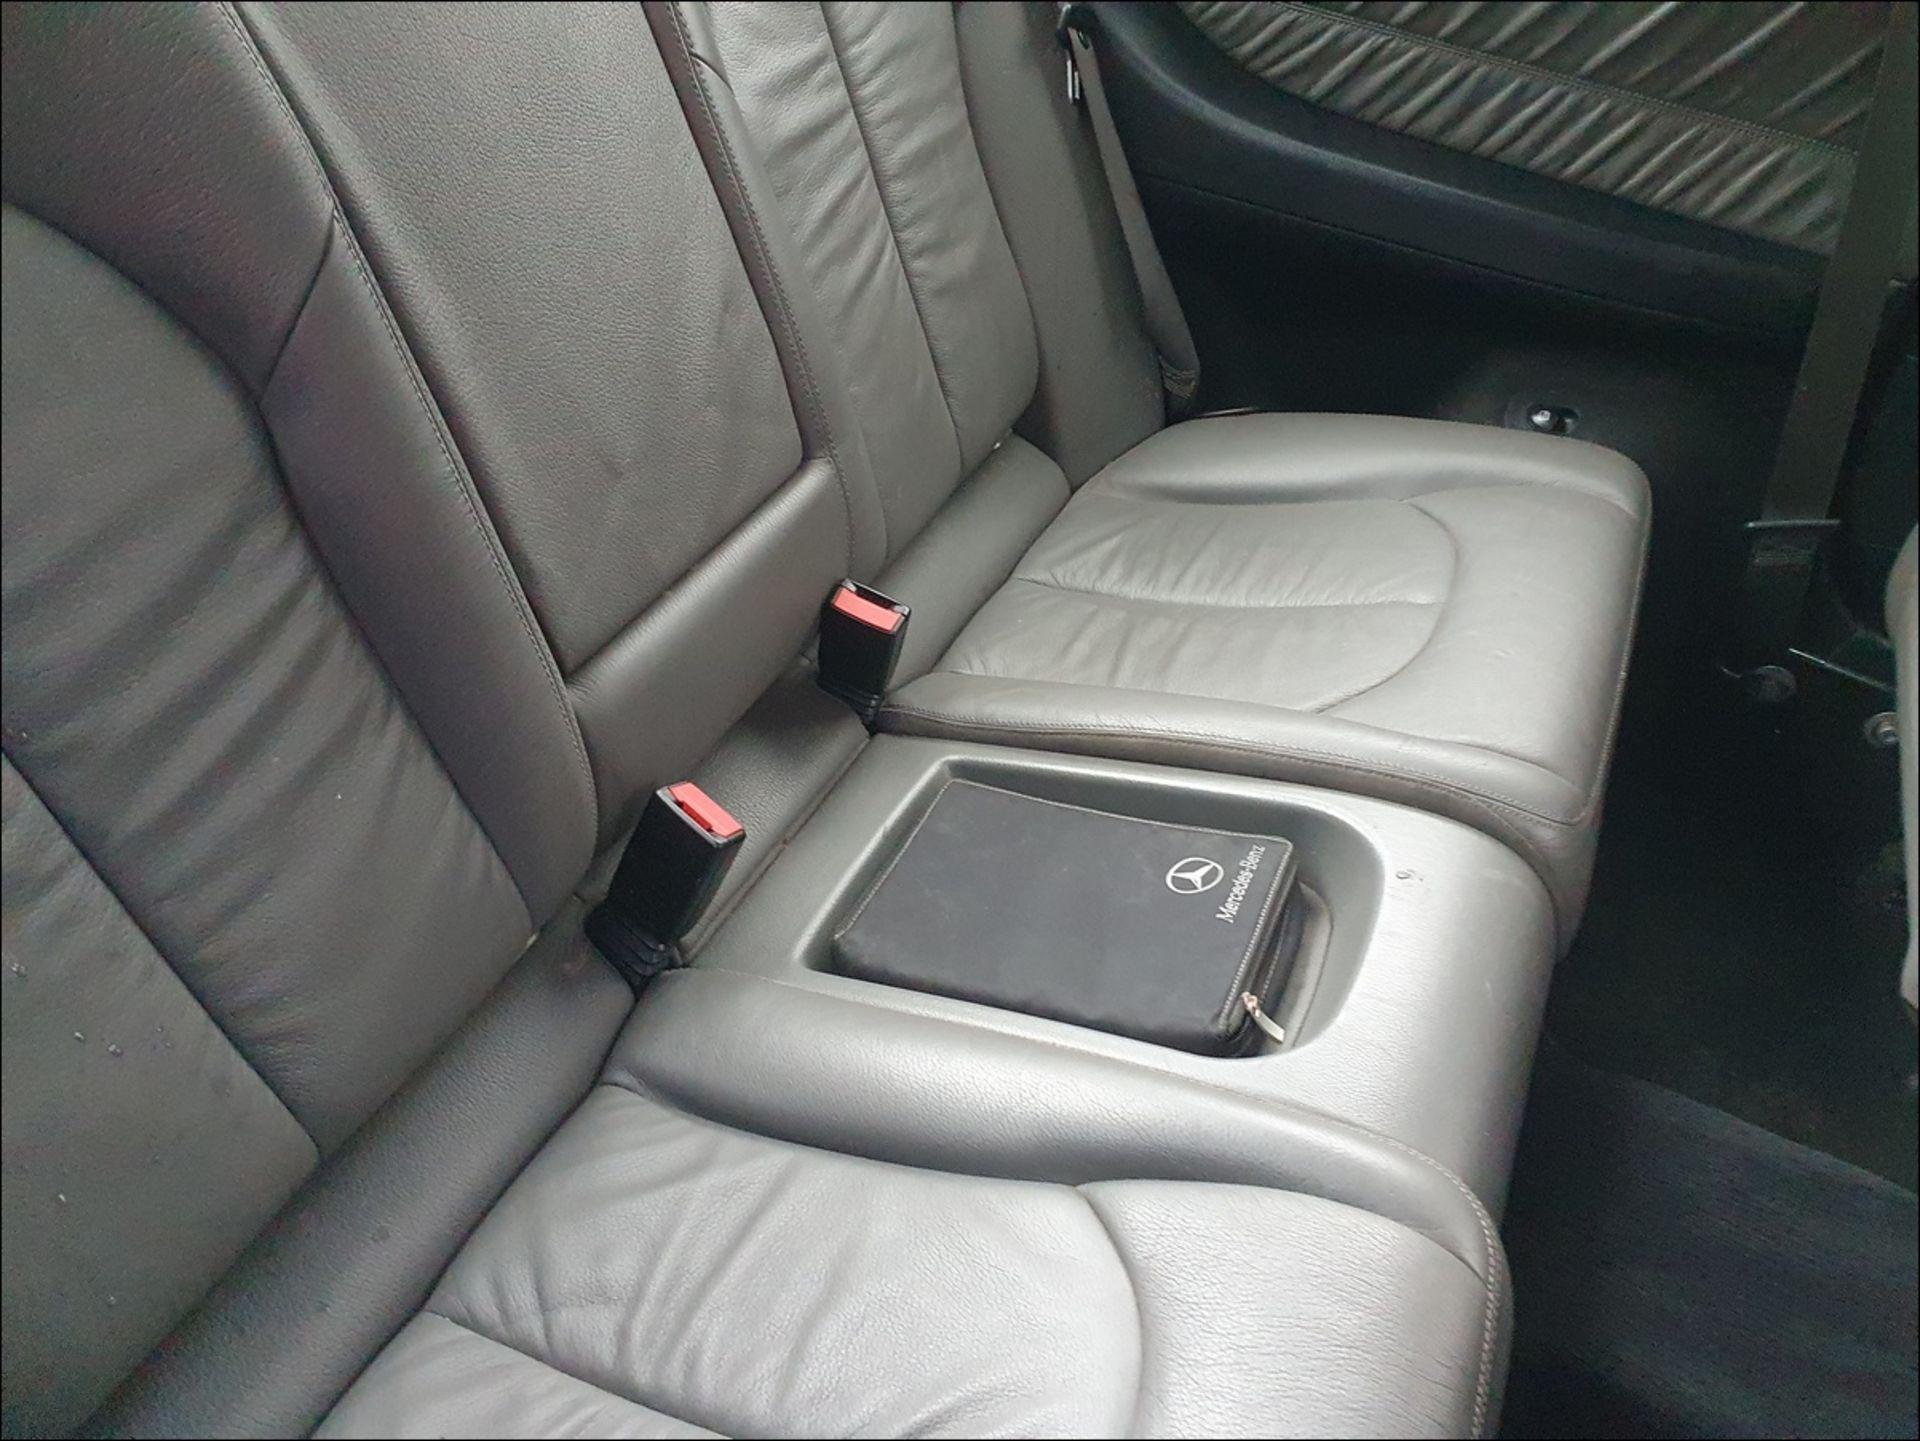 09/58 MERCEDES CLK320 CDI SPORT AUTO - 2987cc 2dr Coupe (Blue, 185k) - Image 9 of 9